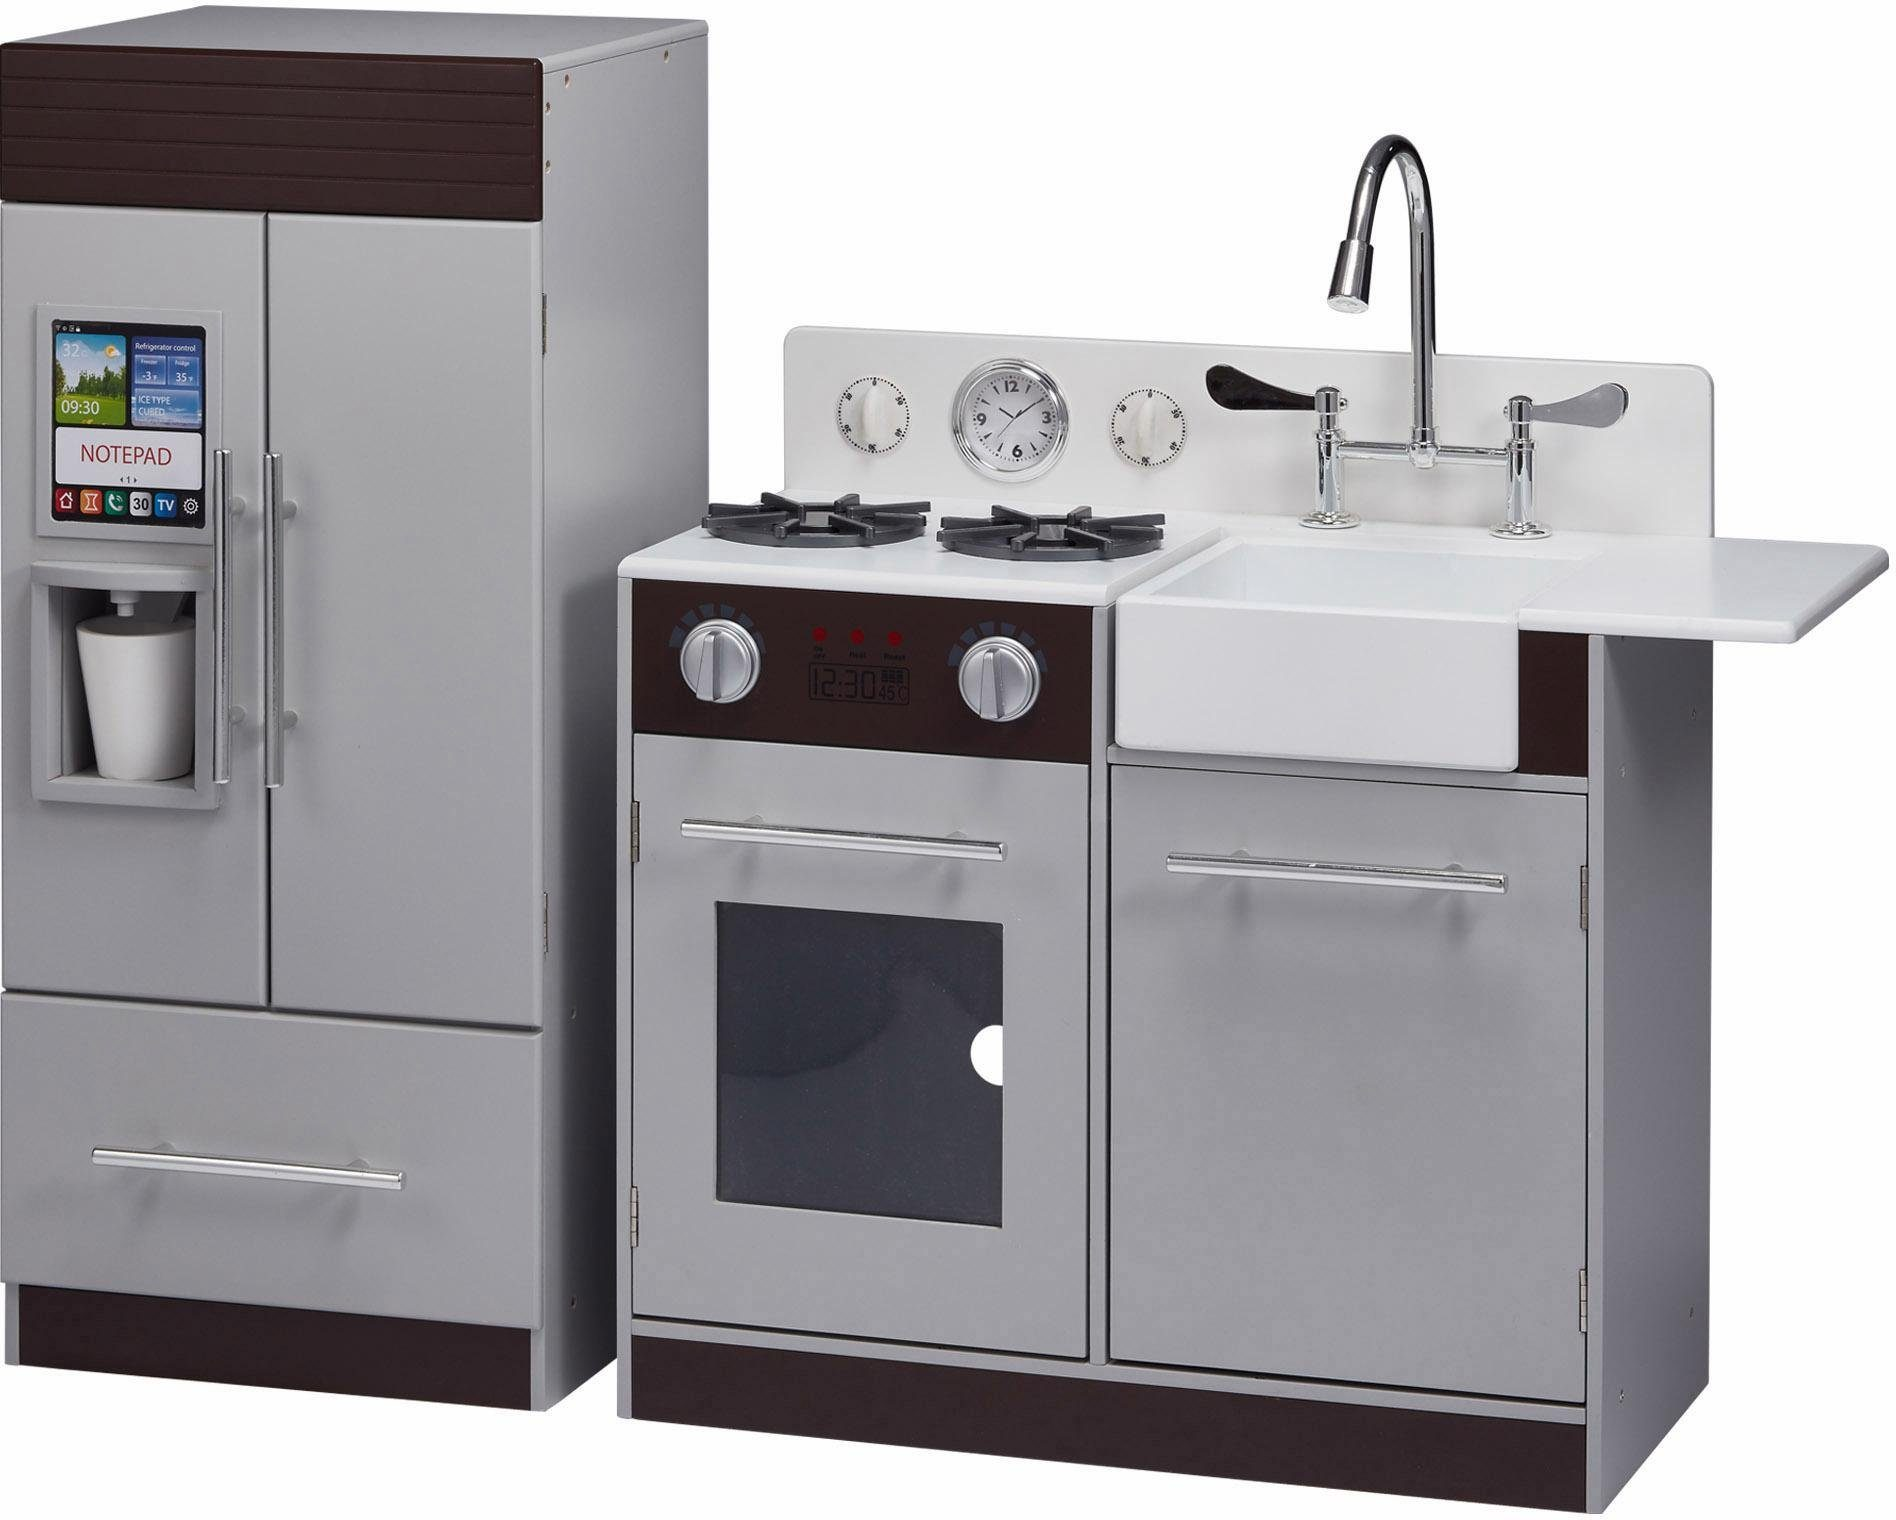 Mini Kühlschrank Mit Gefrierfach Otto : Hindelang otto u s